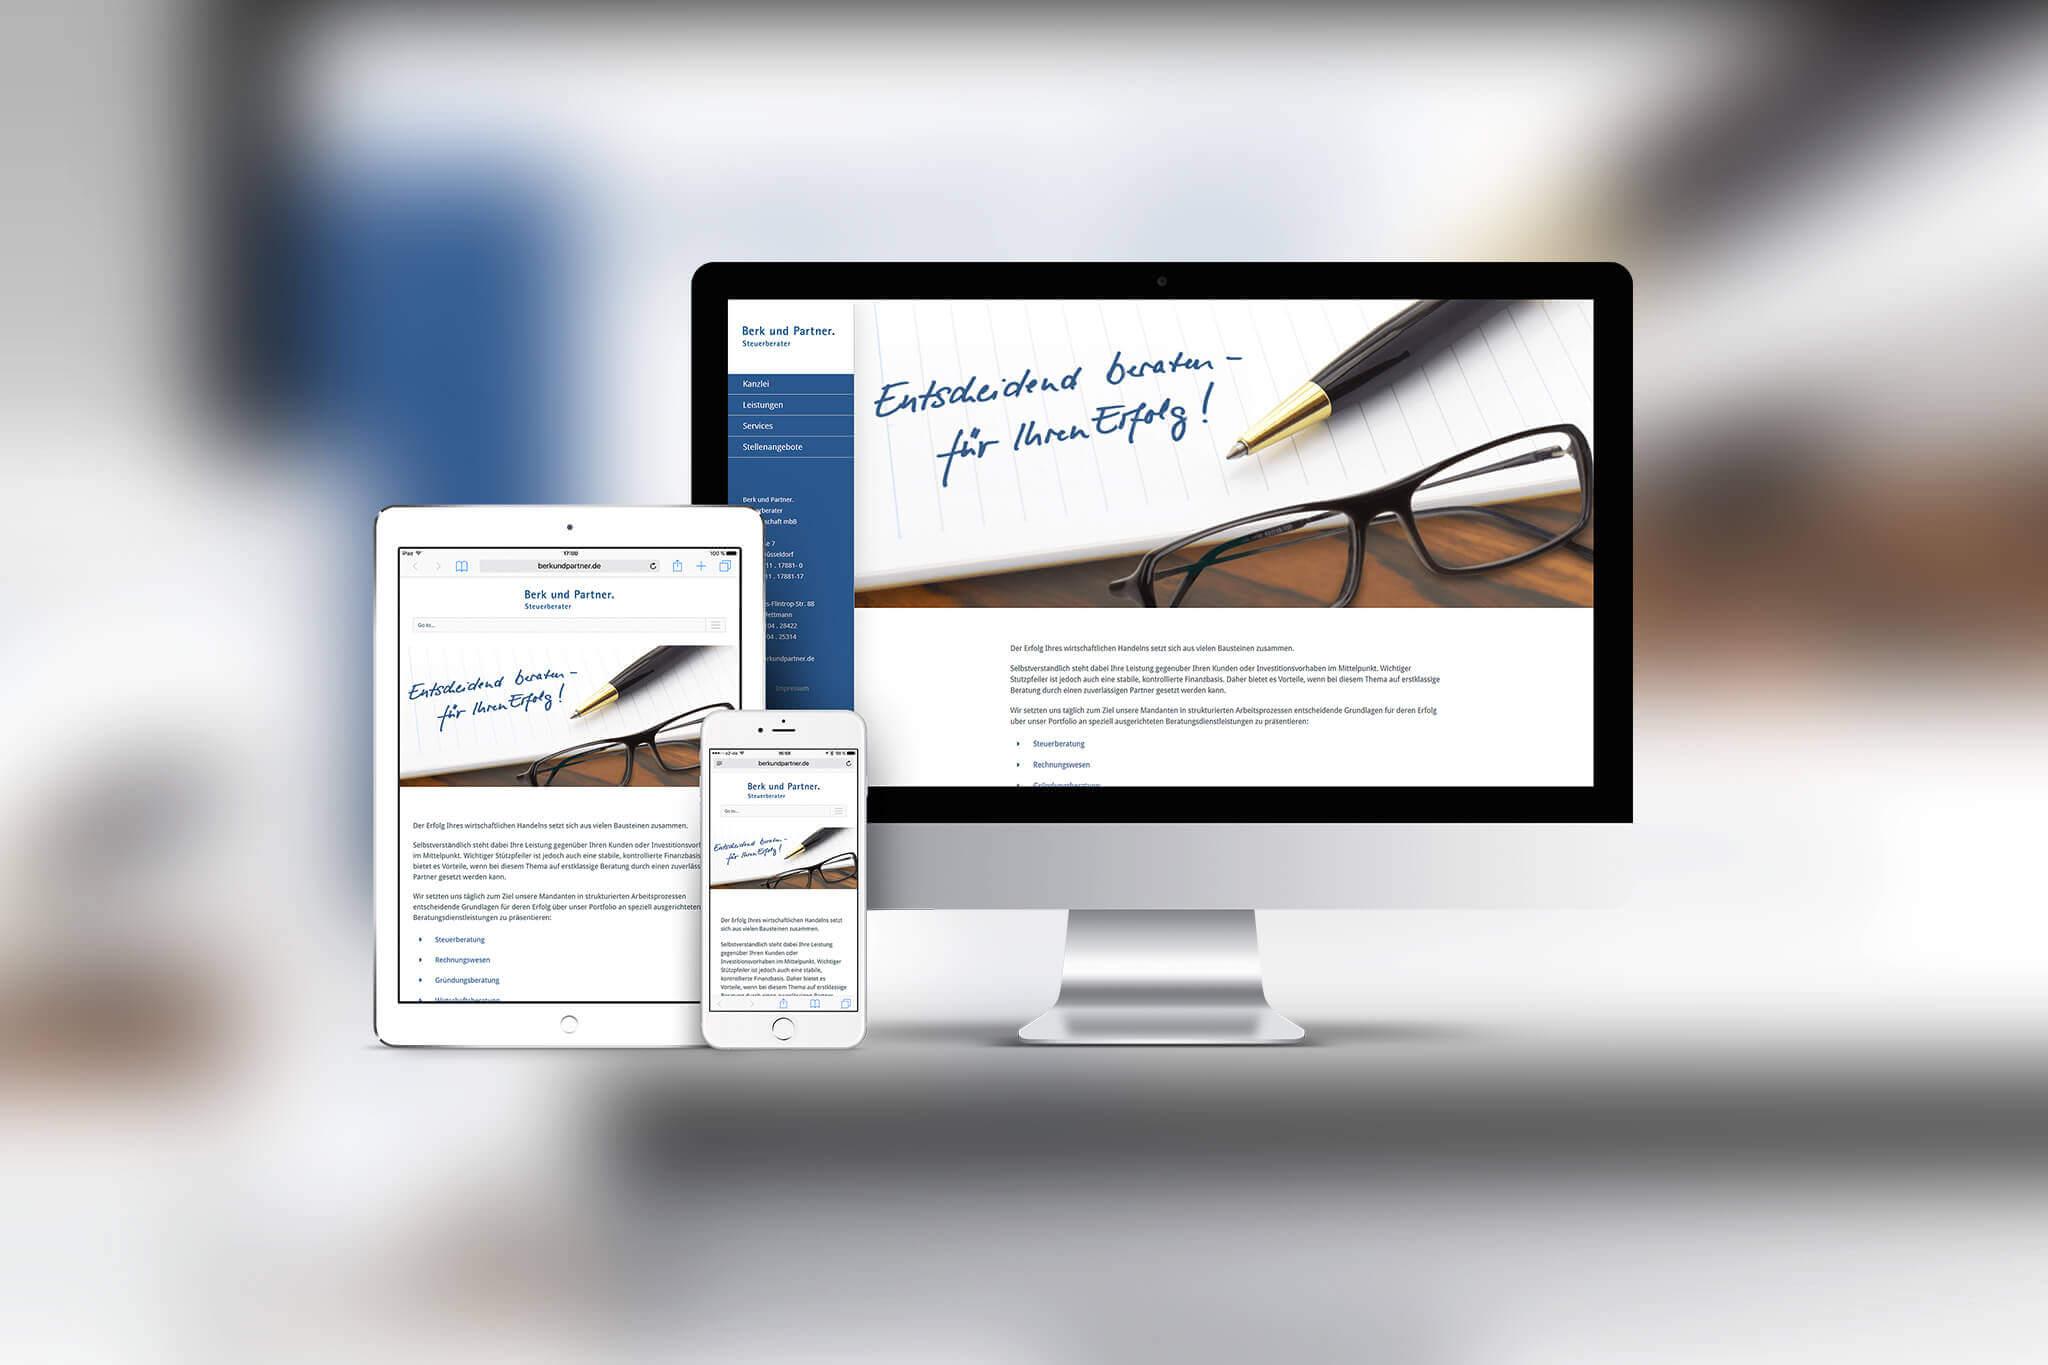 WordPress Website Berk und Partner